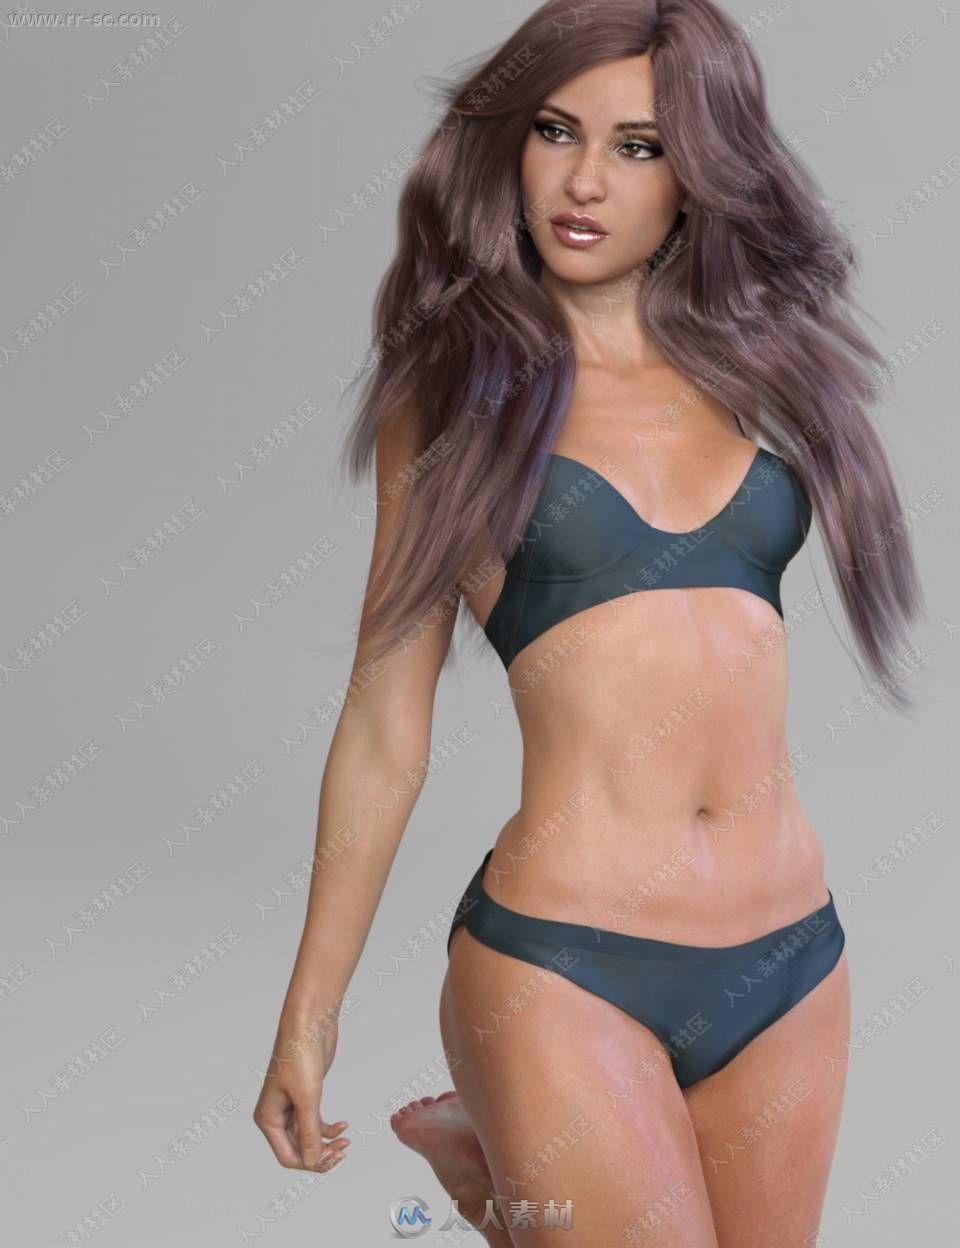 致高挑漂亮女孩姿势妆容3D模型